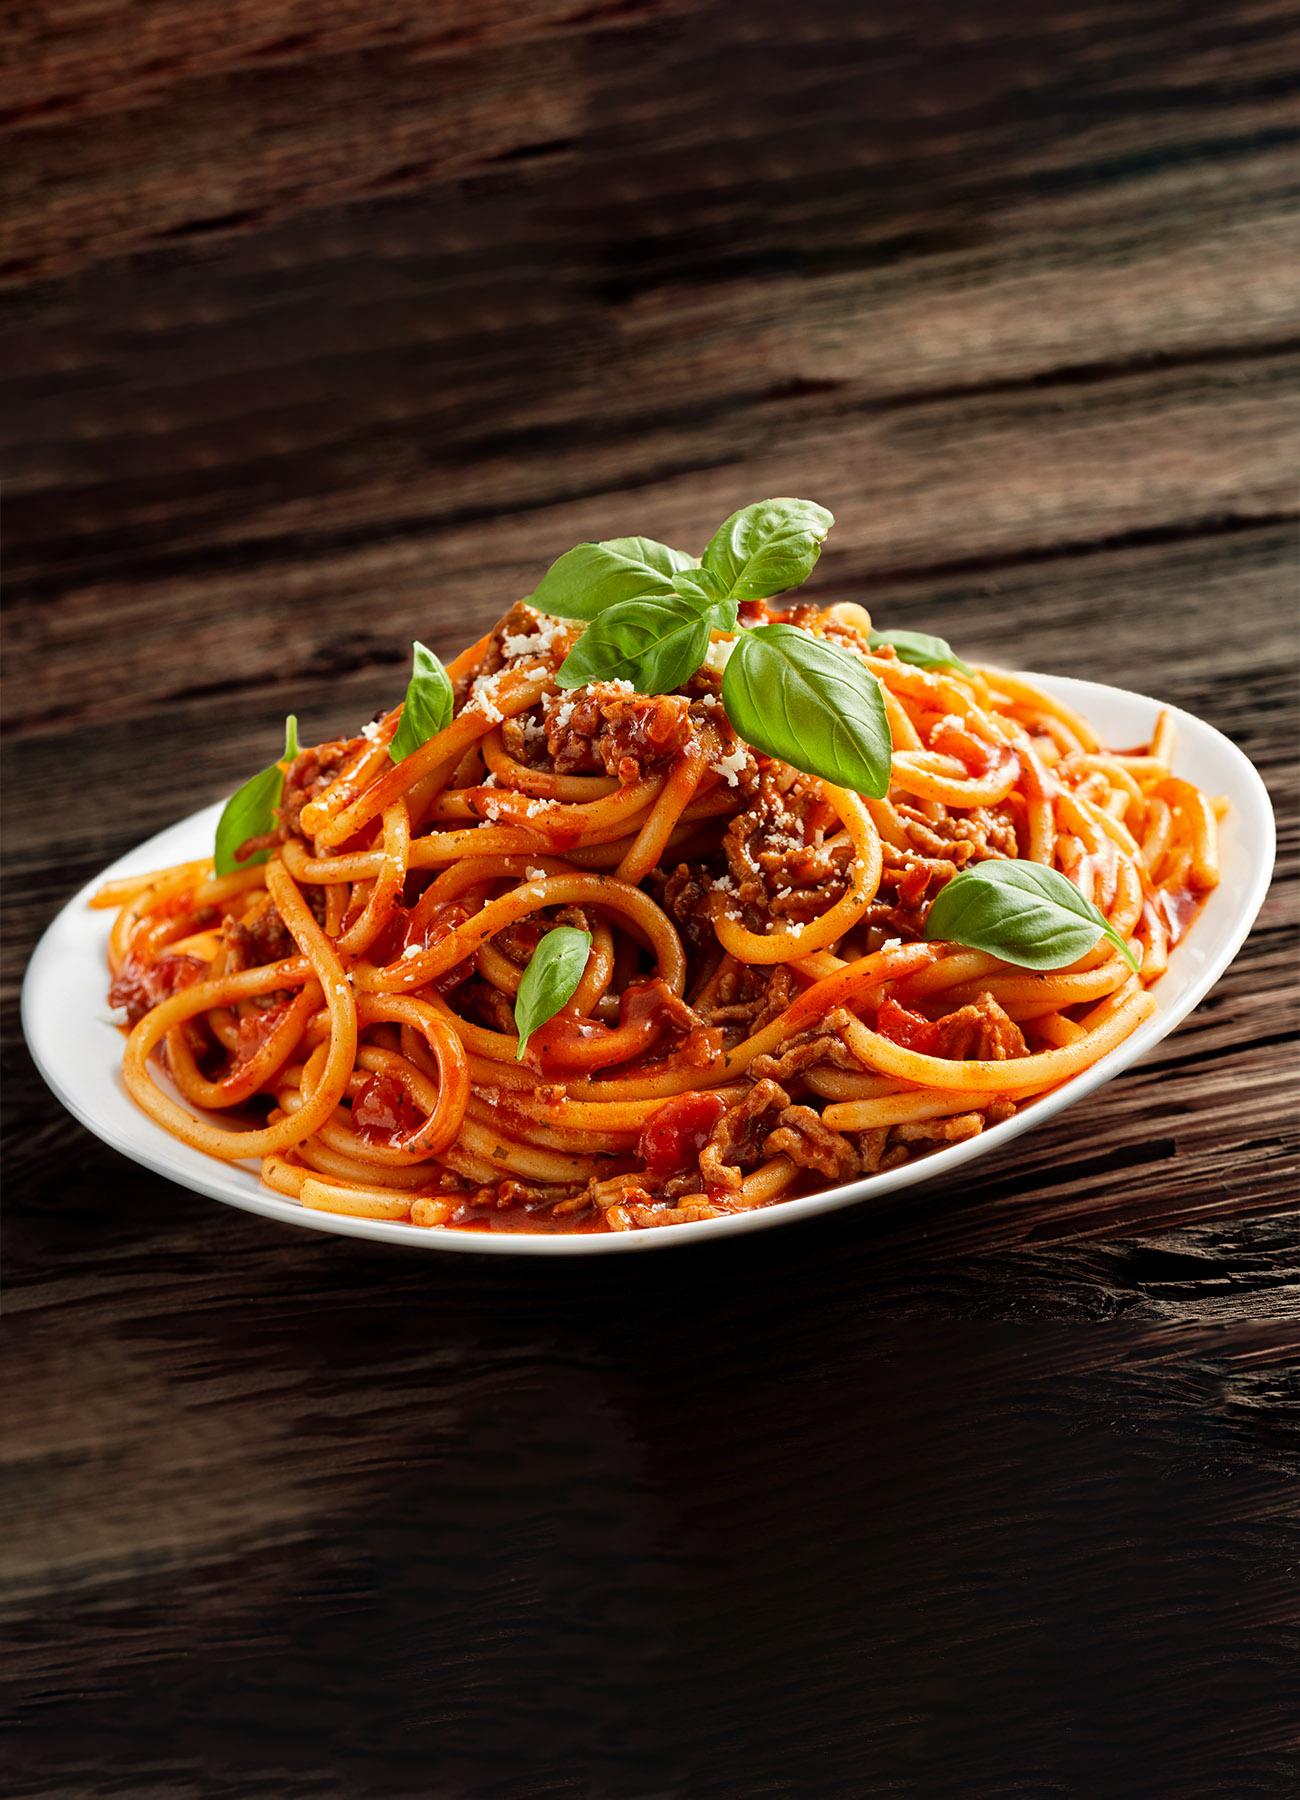 Delicious Spaghetti Bolognese